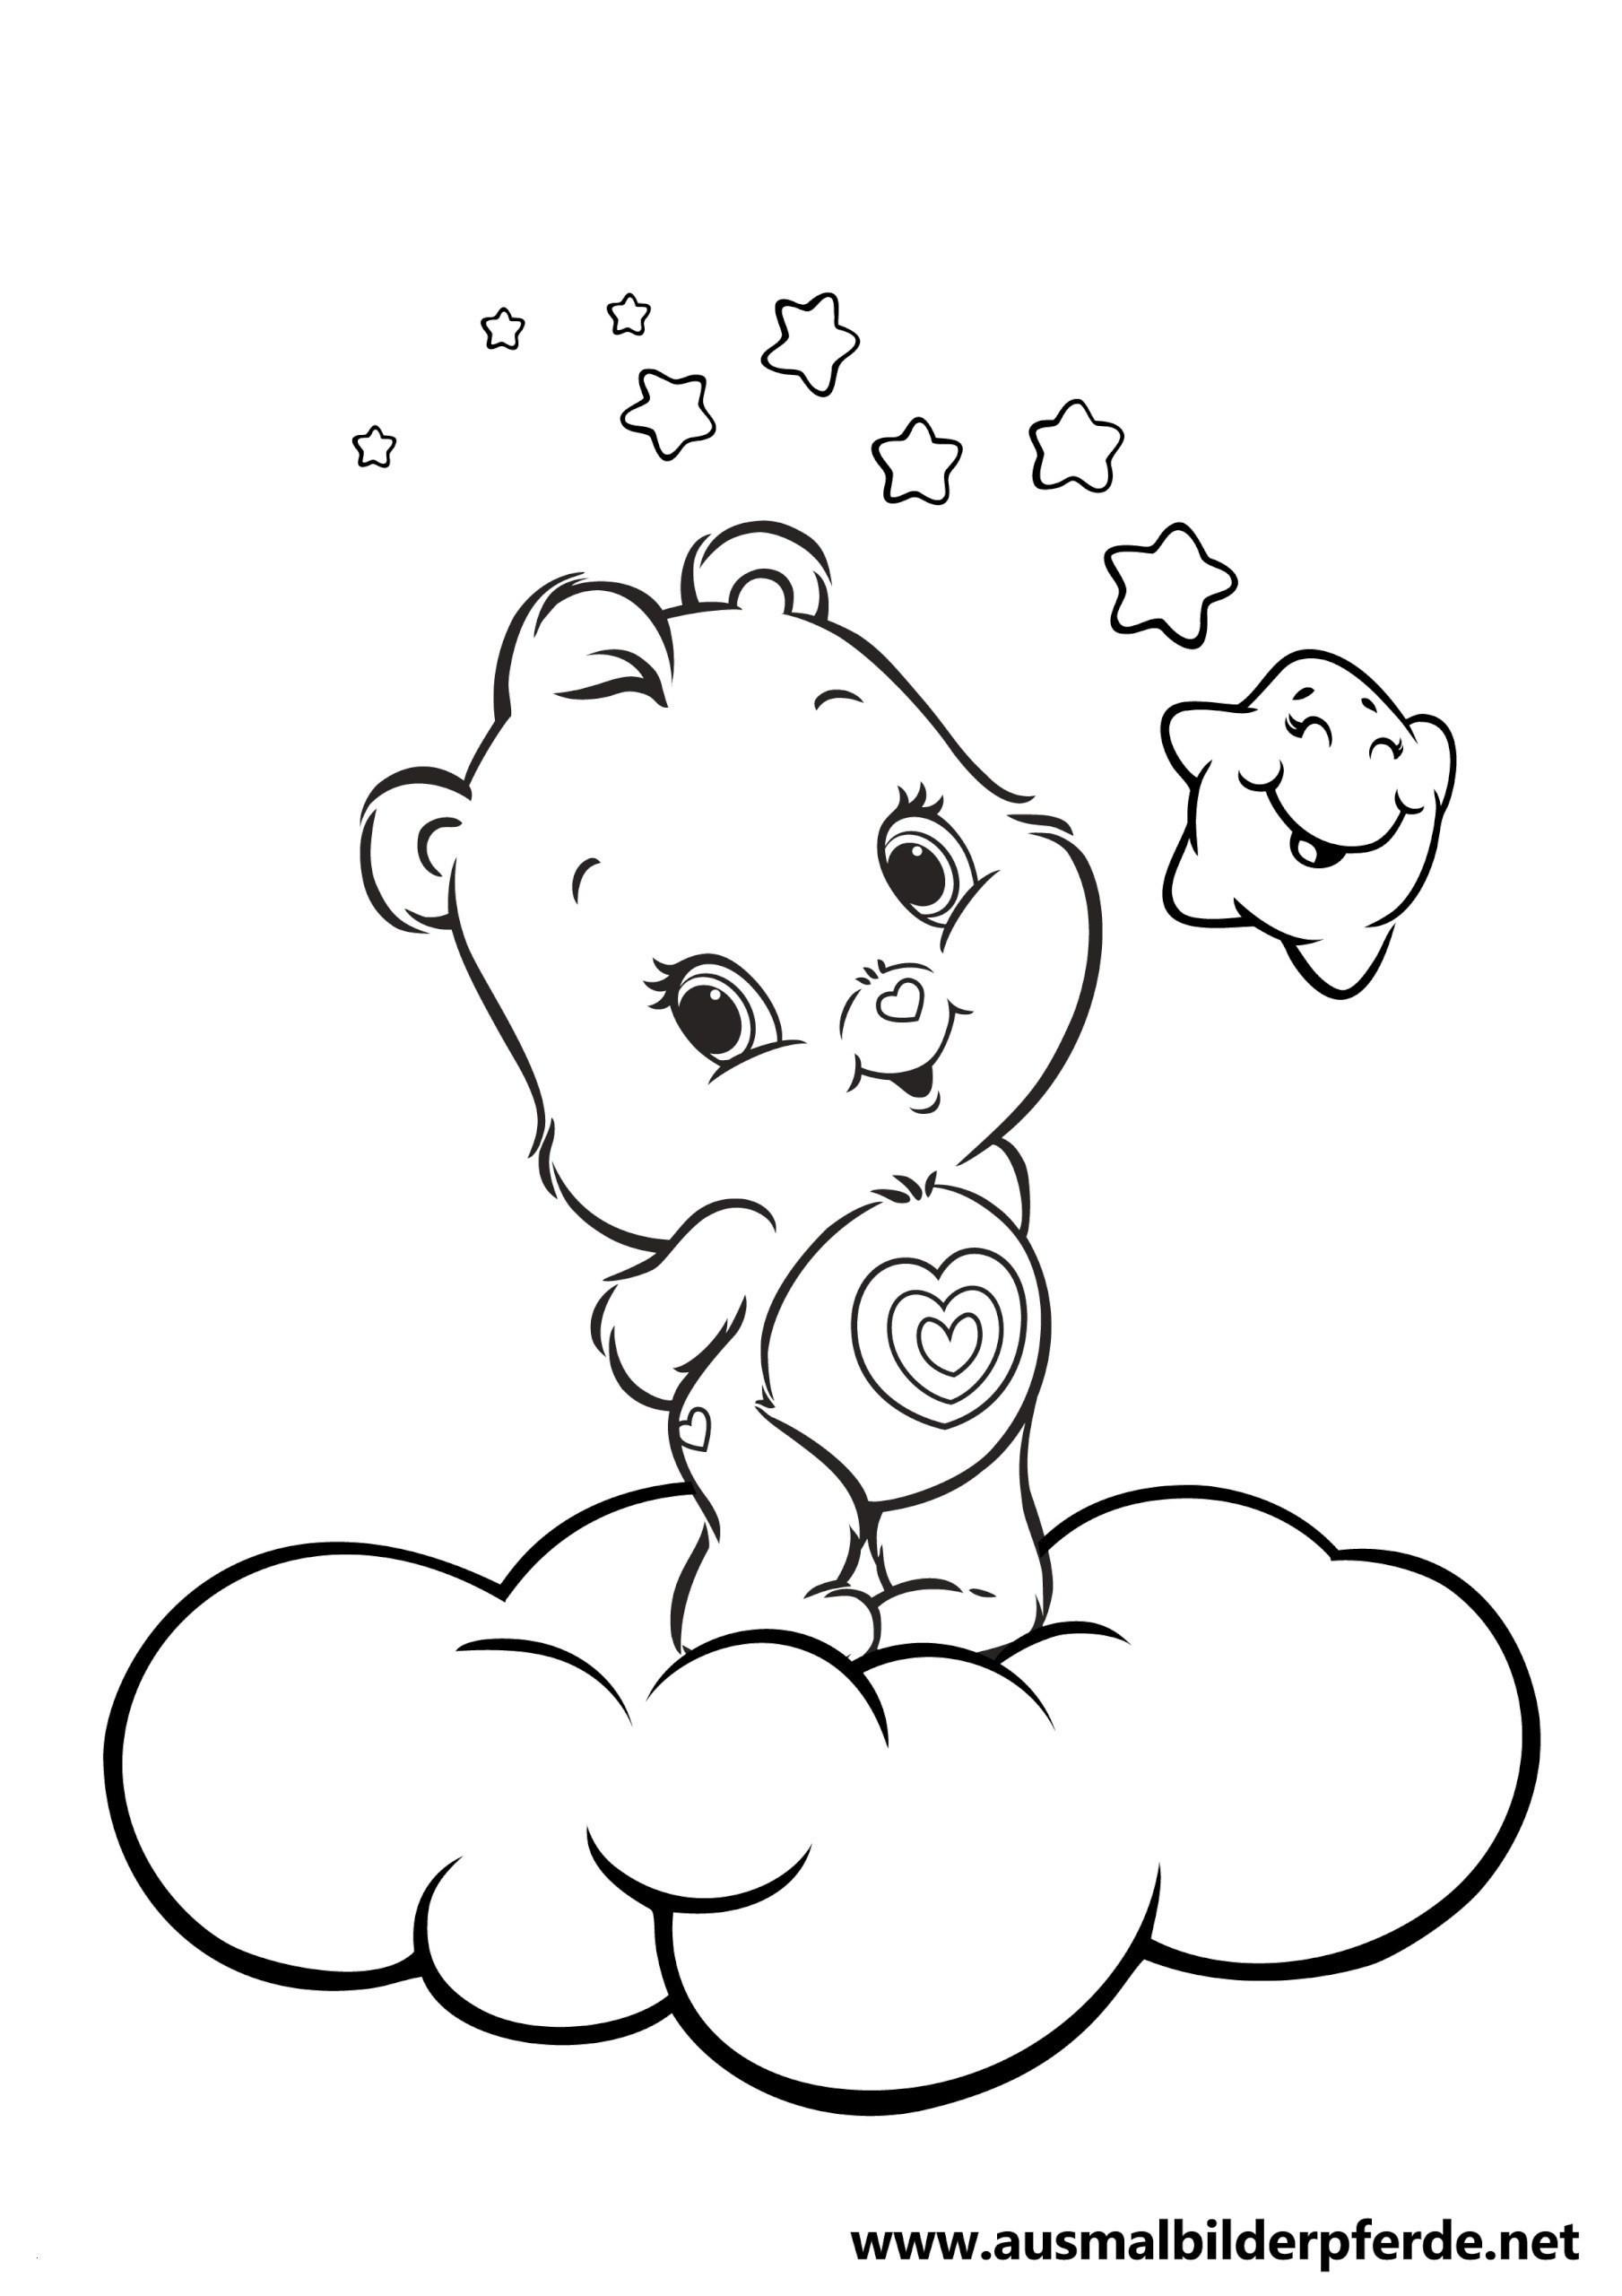 Ausmalbilder Kochen Und Backen Neu Ausmalbilder Kochen Und Backen Best Ausmalbilder Babys Stock